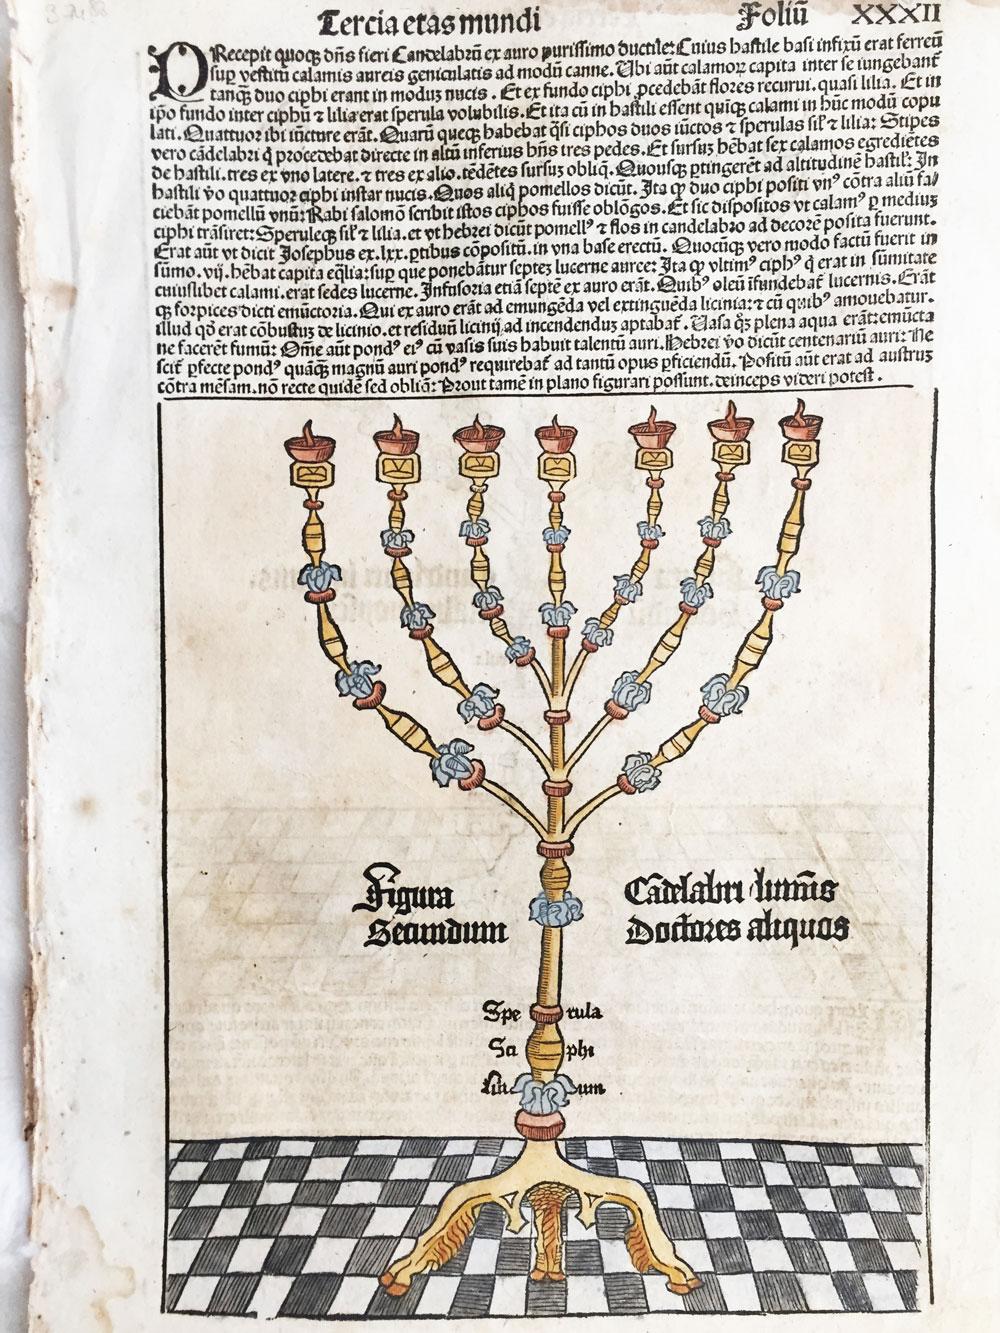 Tercia Etas Mundi. Folium.XXXII (with a a candelabra)